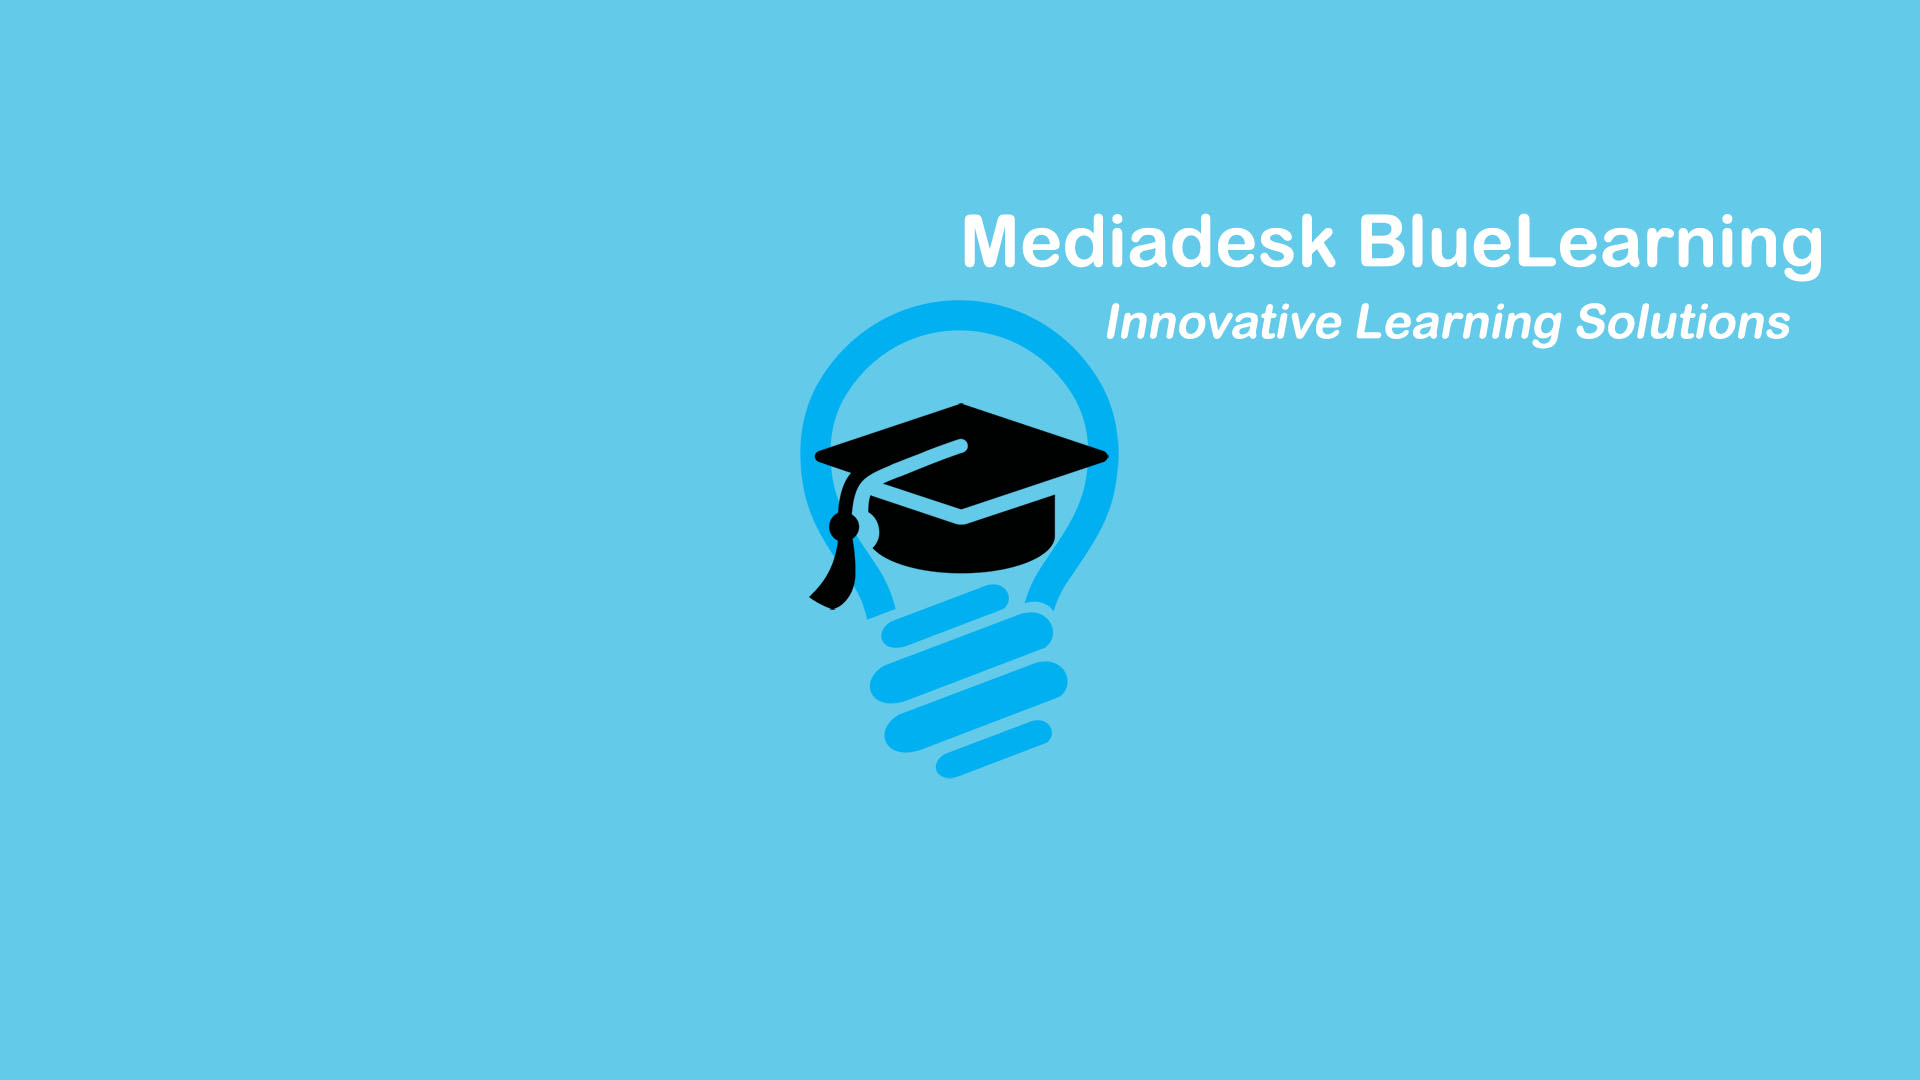 Mediadesk